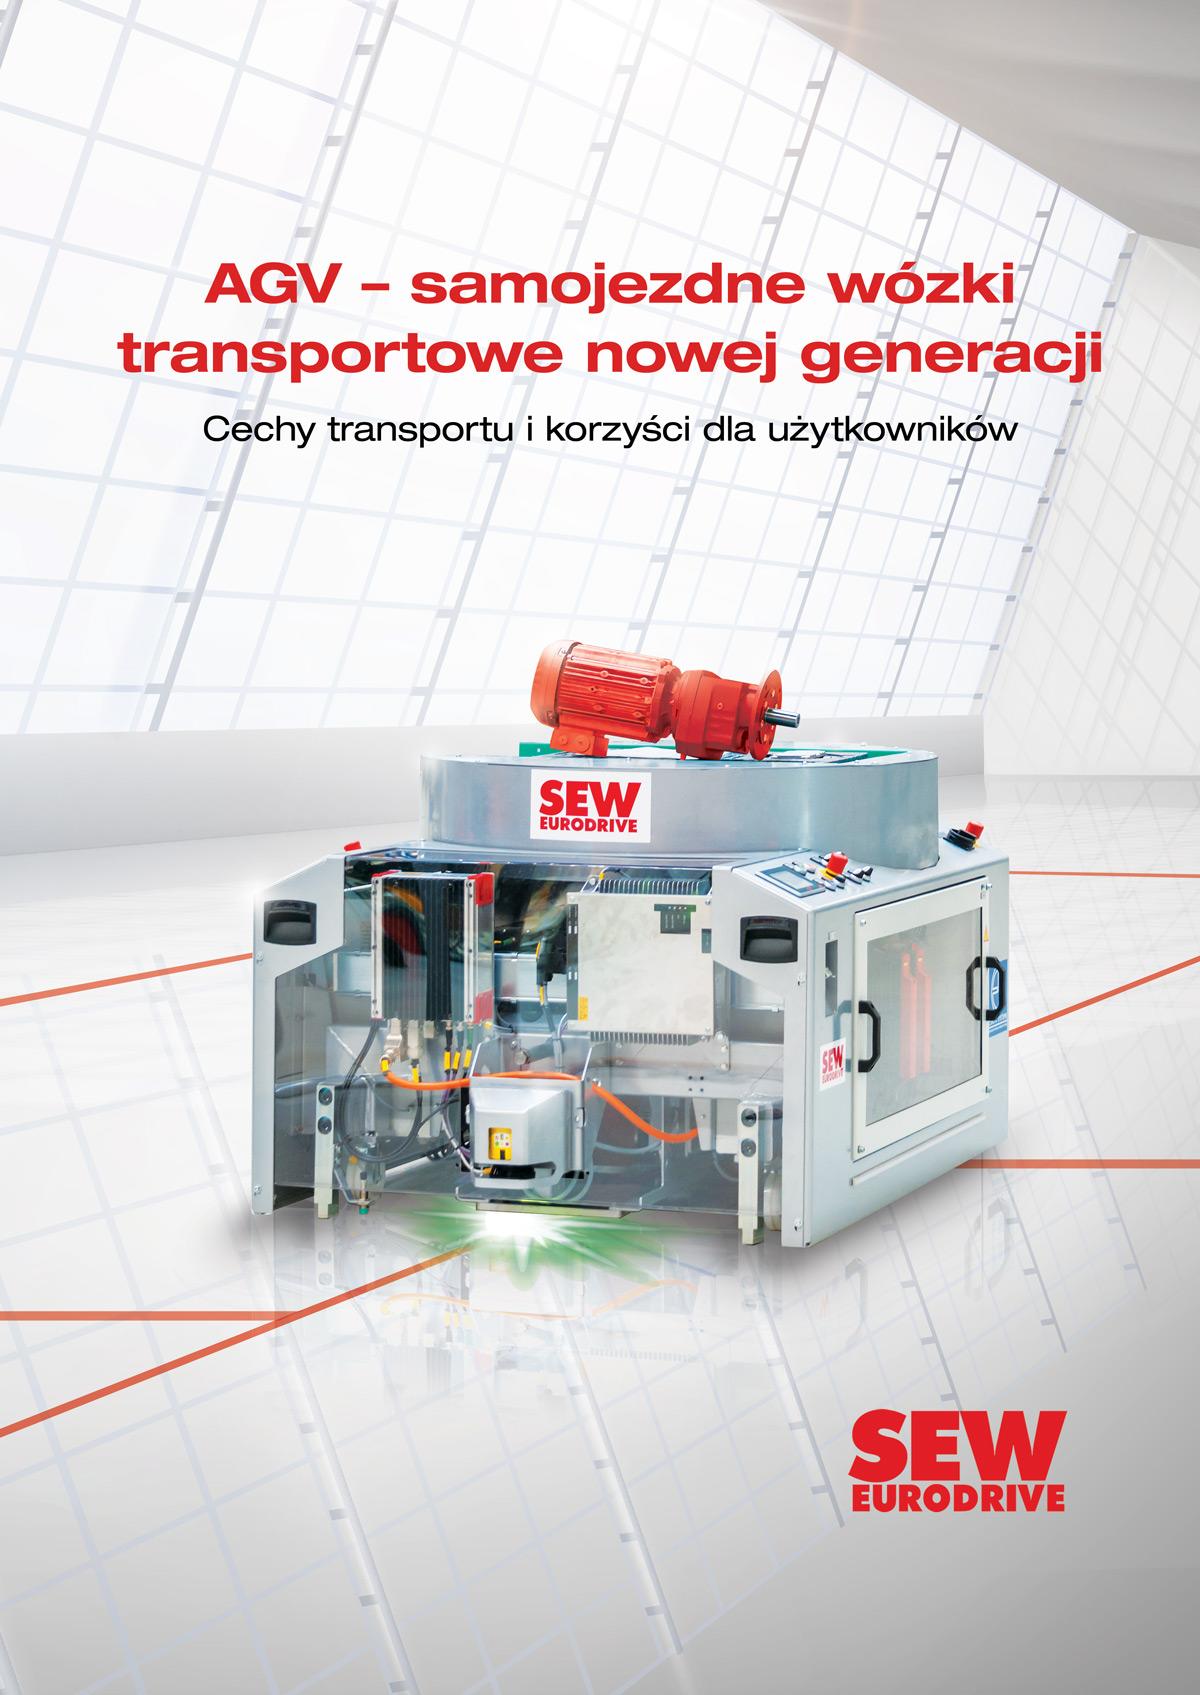 AGV – samojezdne wózki transportowe nowej generacji